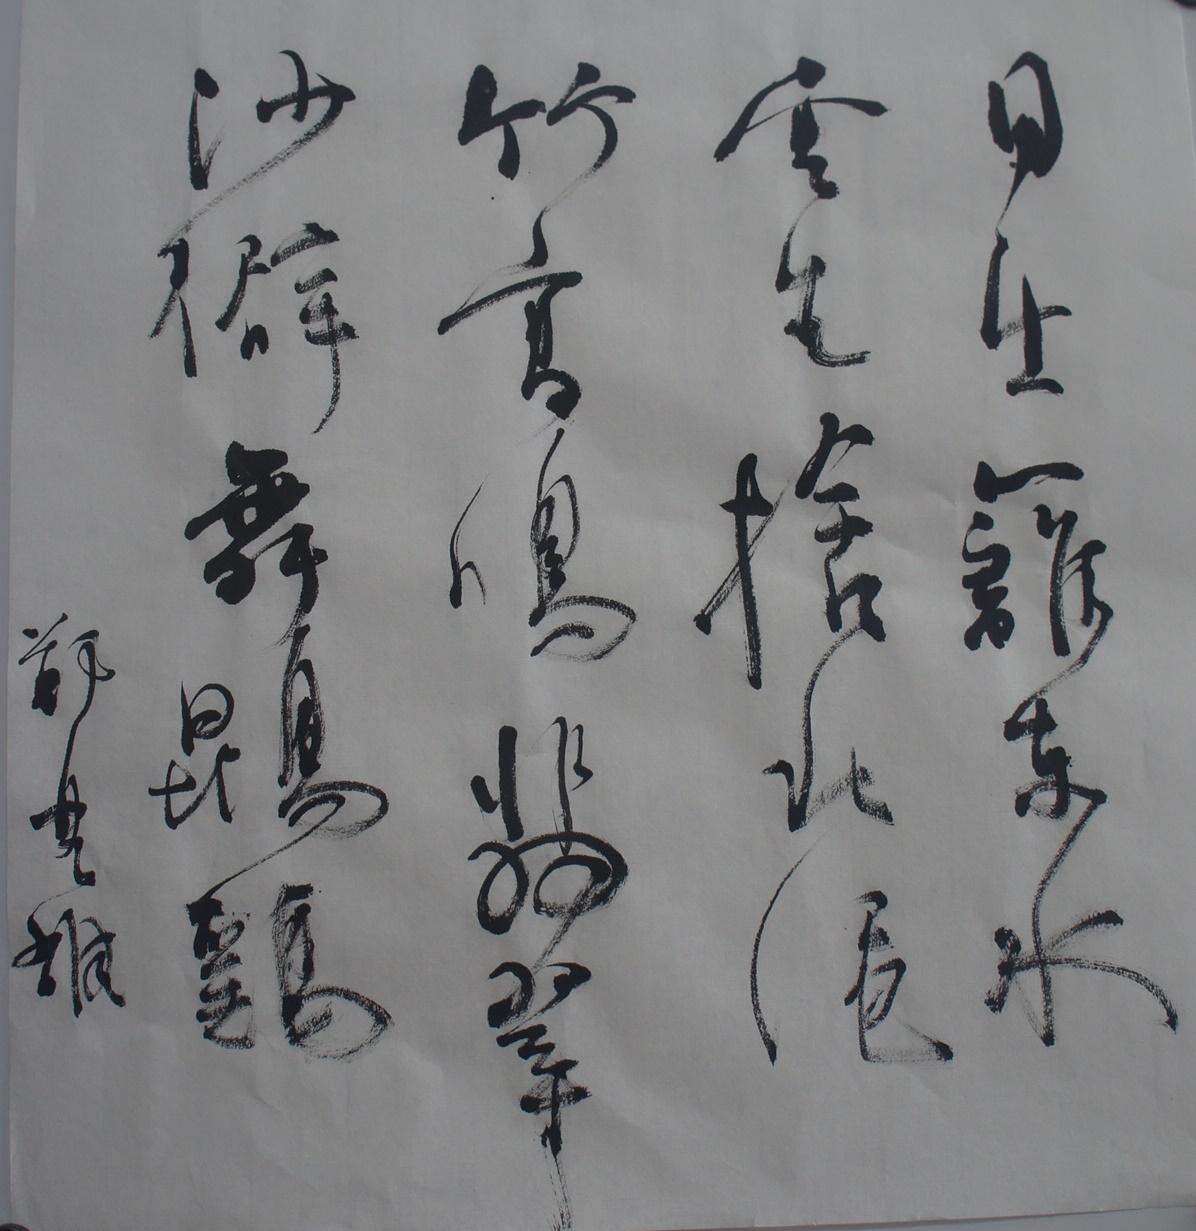 鄭楚雄 書法 杜甫《絕句六首》